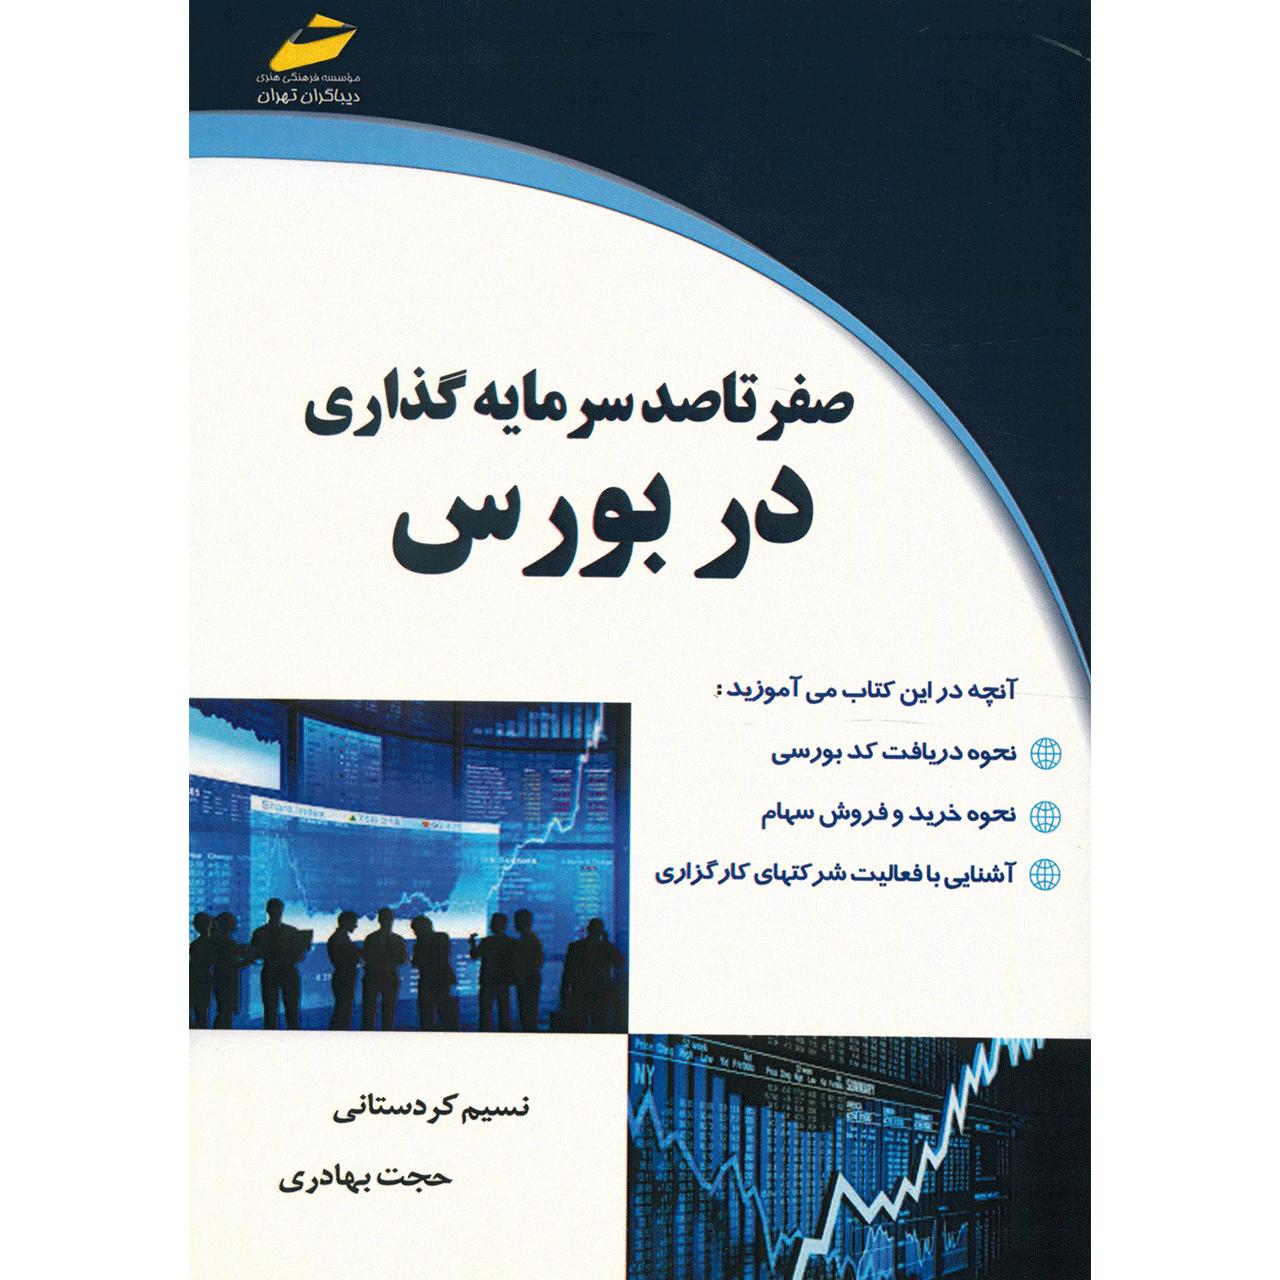 کتاب صفر تاصد سرمایه گذاری در بورس اثر نسیم کردستانی